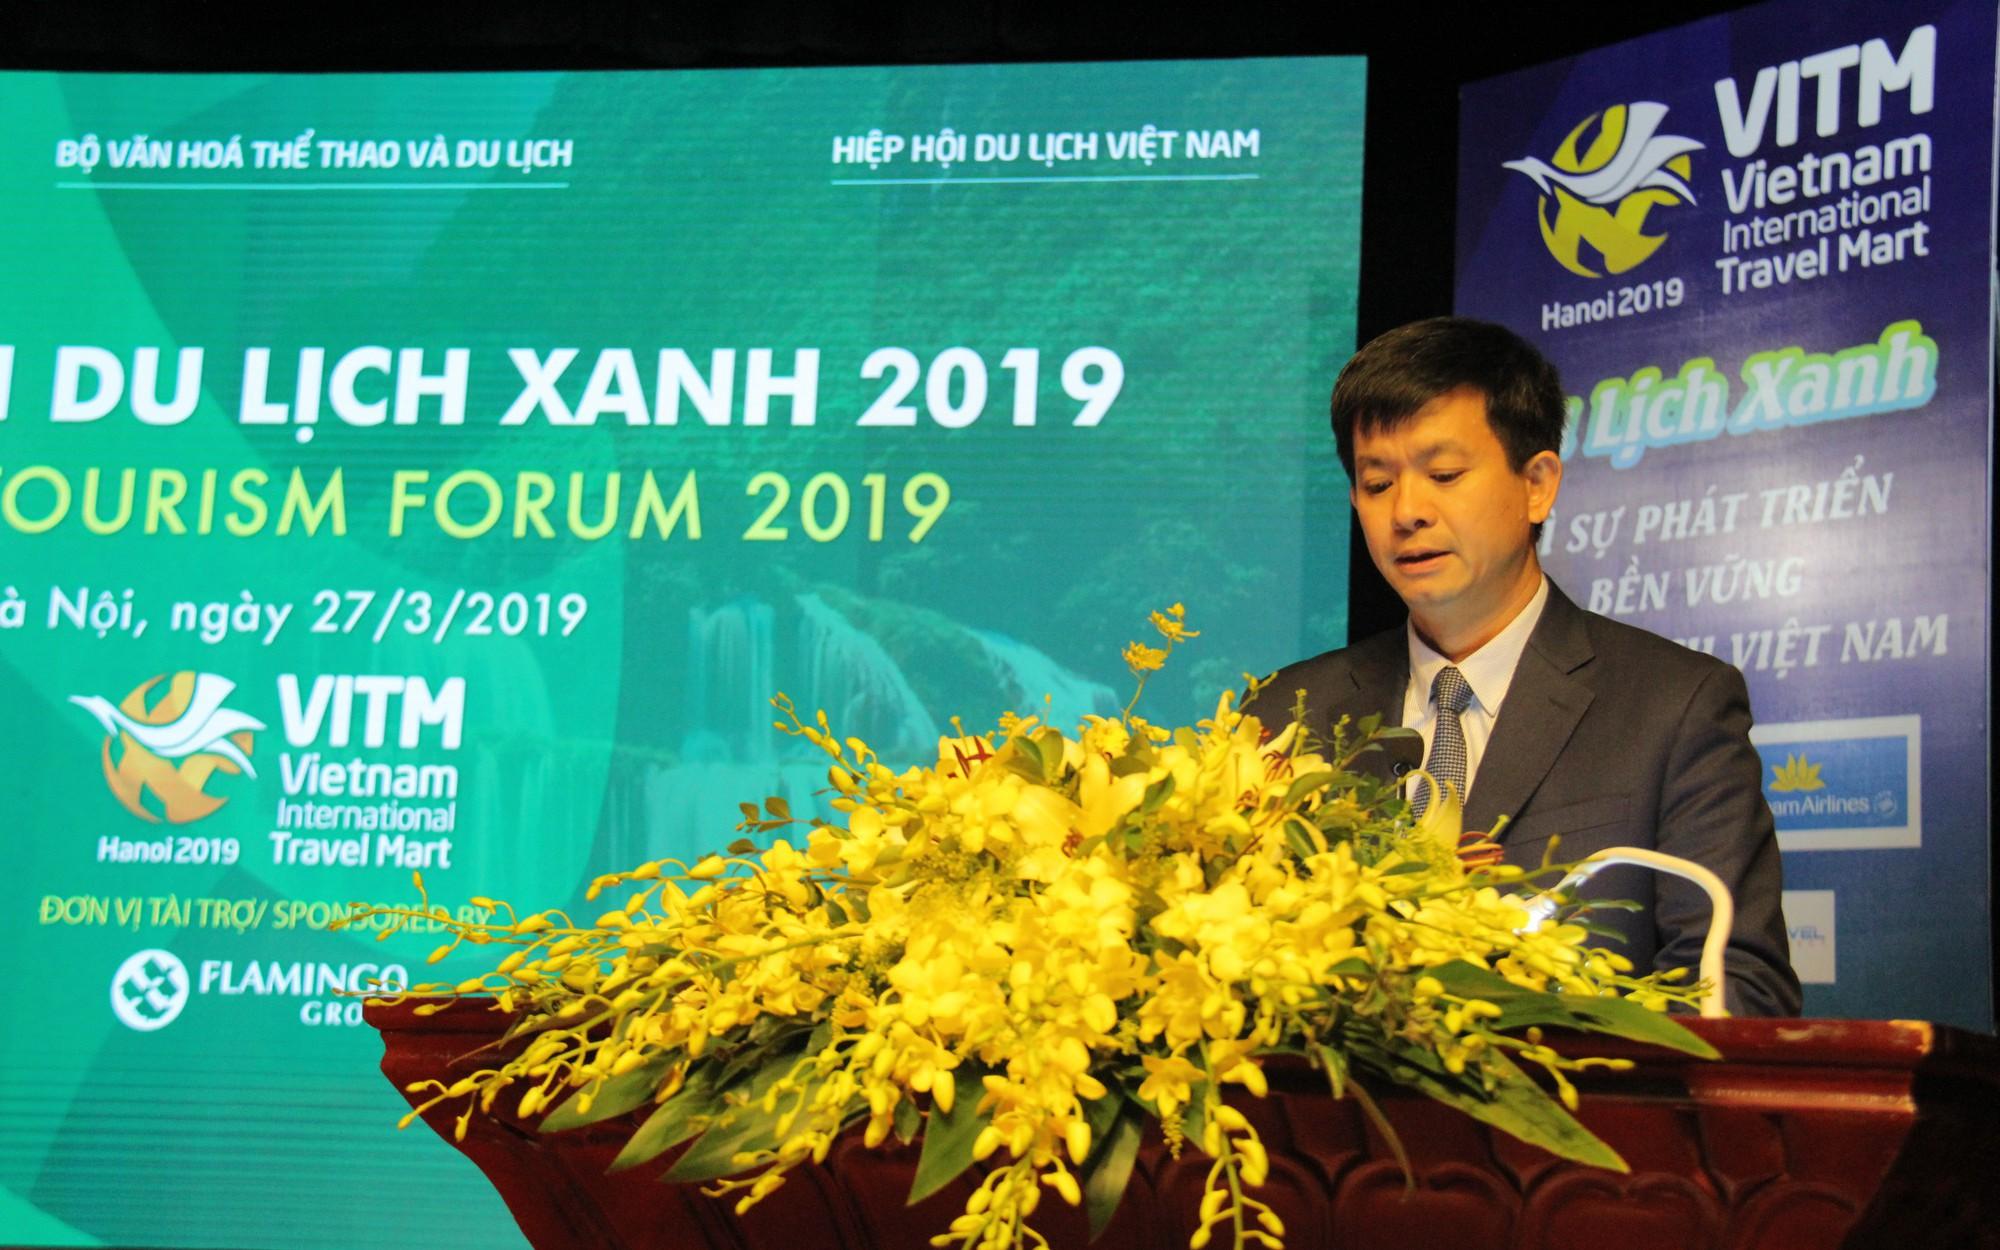 Thứ trưởng Lê Quang Tùng: Chính sách phát triển du lịch của Việt Nam luôn hướng tới chuyên nghiệp và bền vững